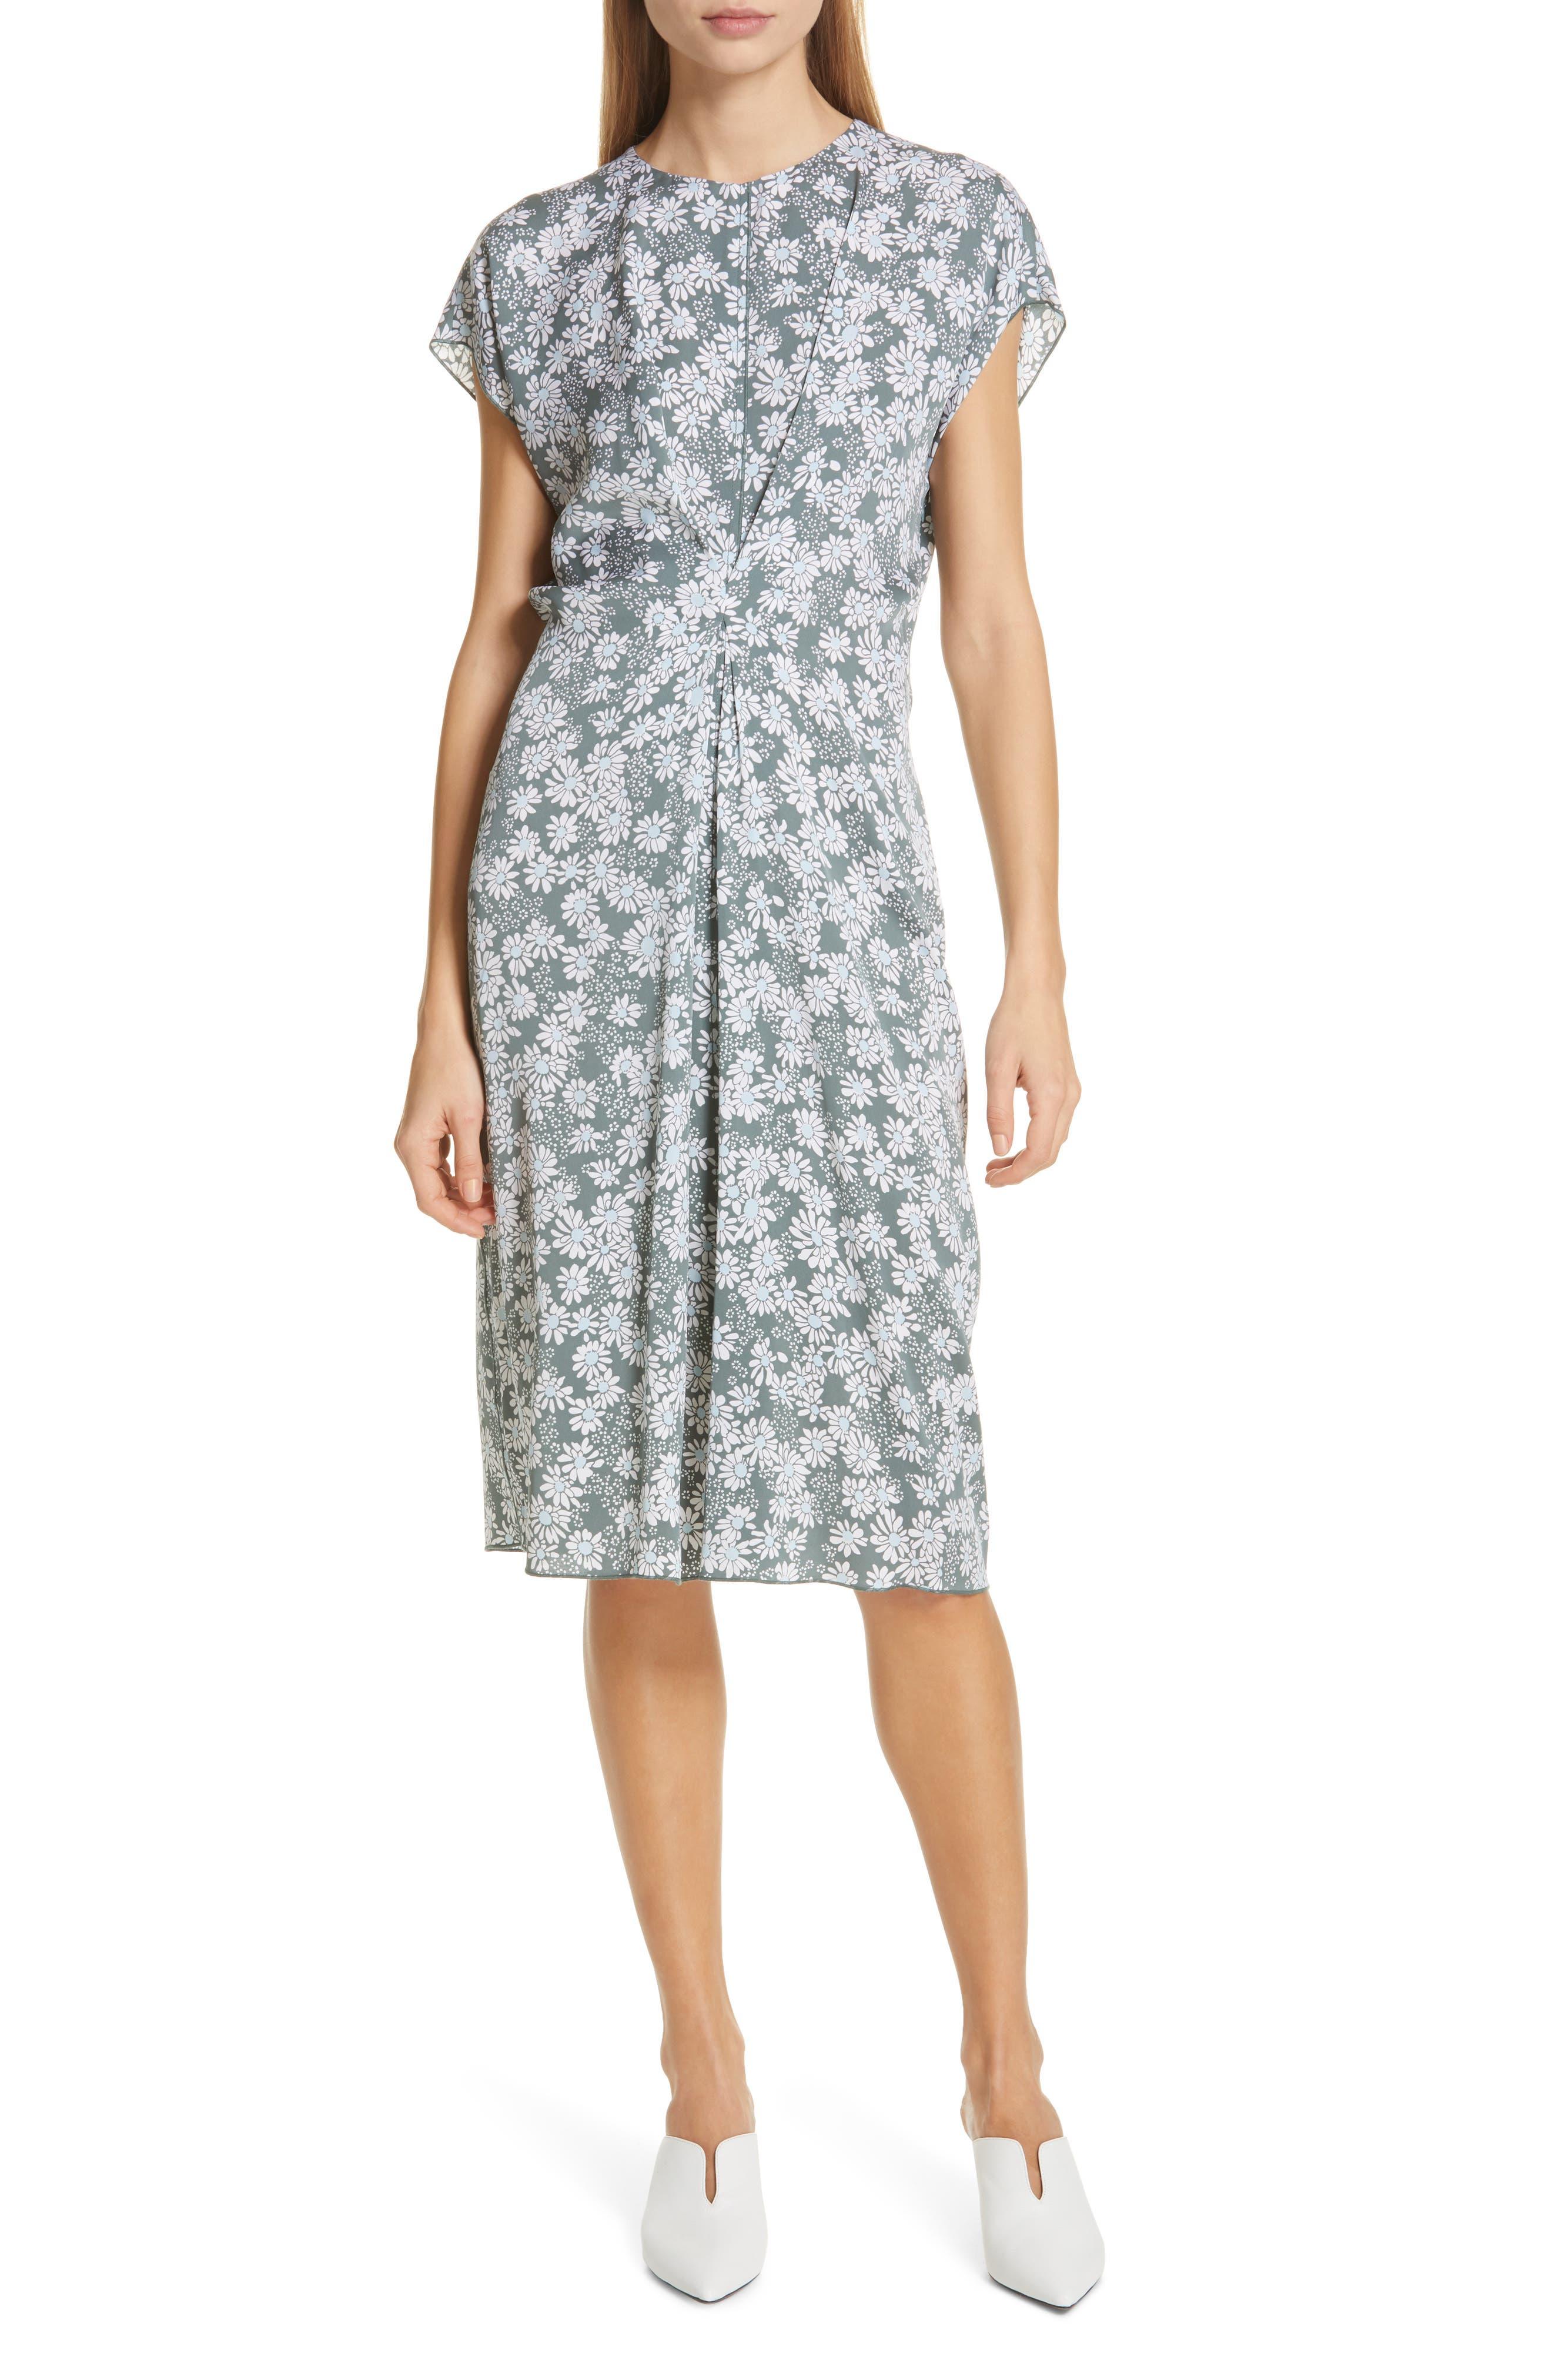 2de737a6e7 Women s Lewit Clothing